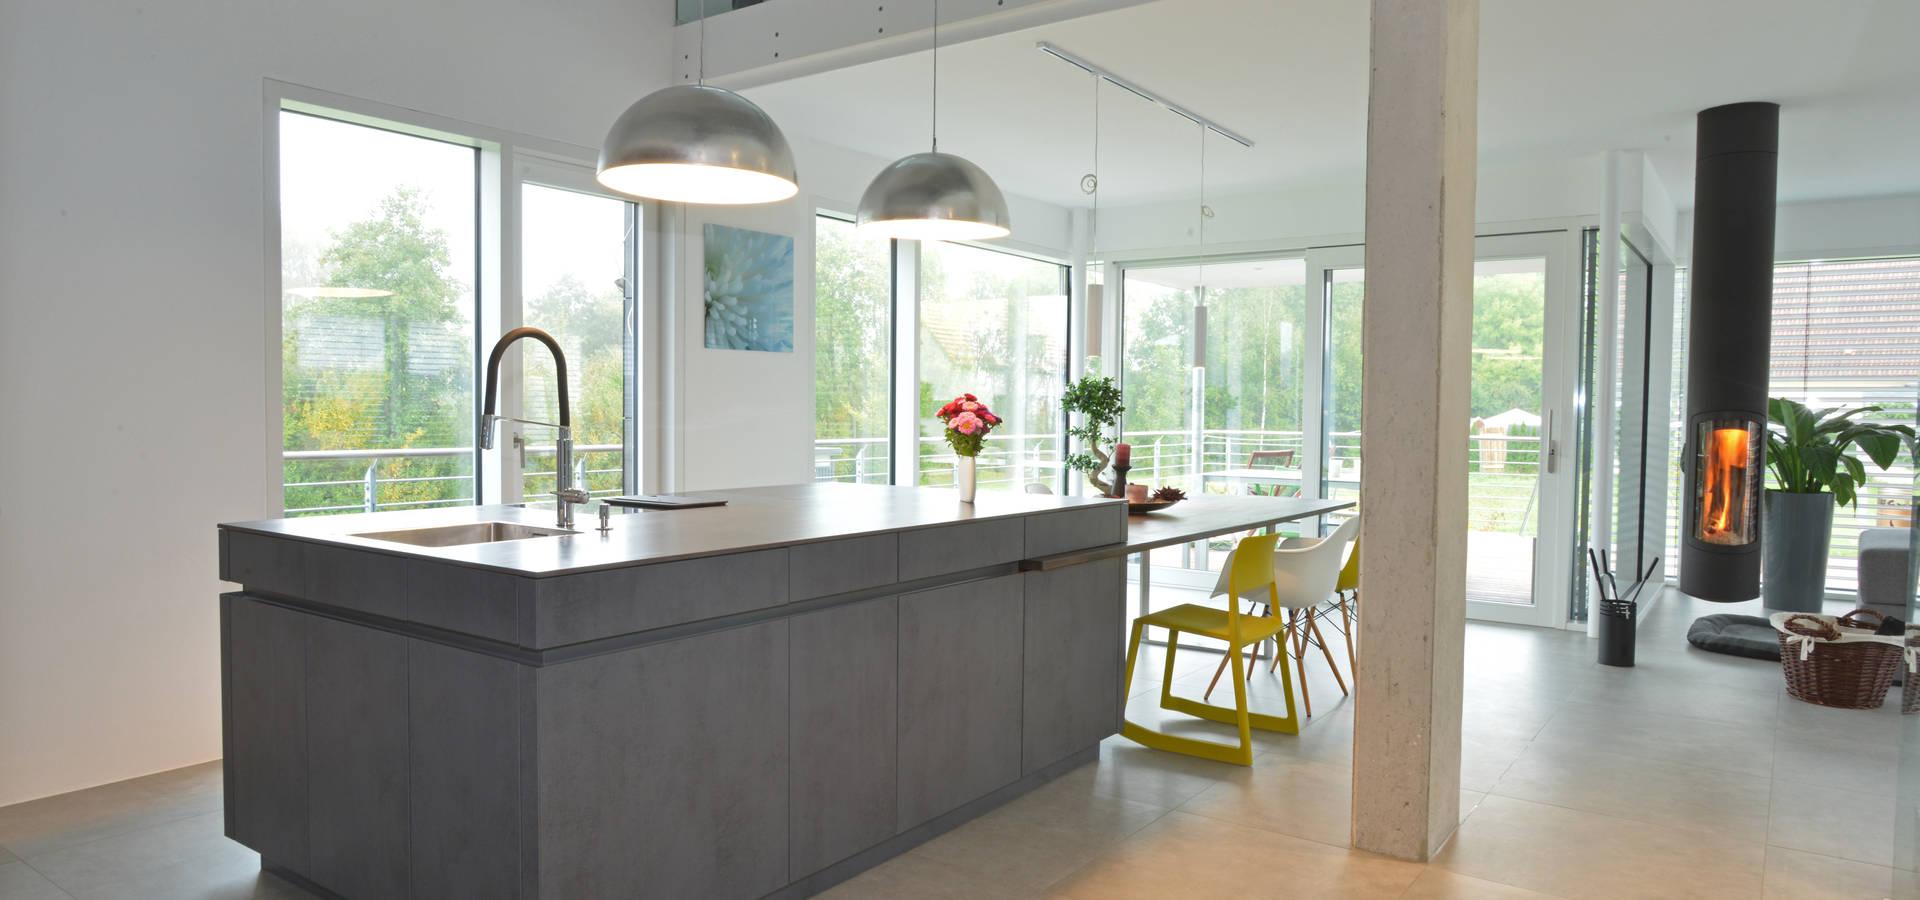 KITCHEN inside-out by Küchenwerkstatt Kemptner GmbH - Haus des ...